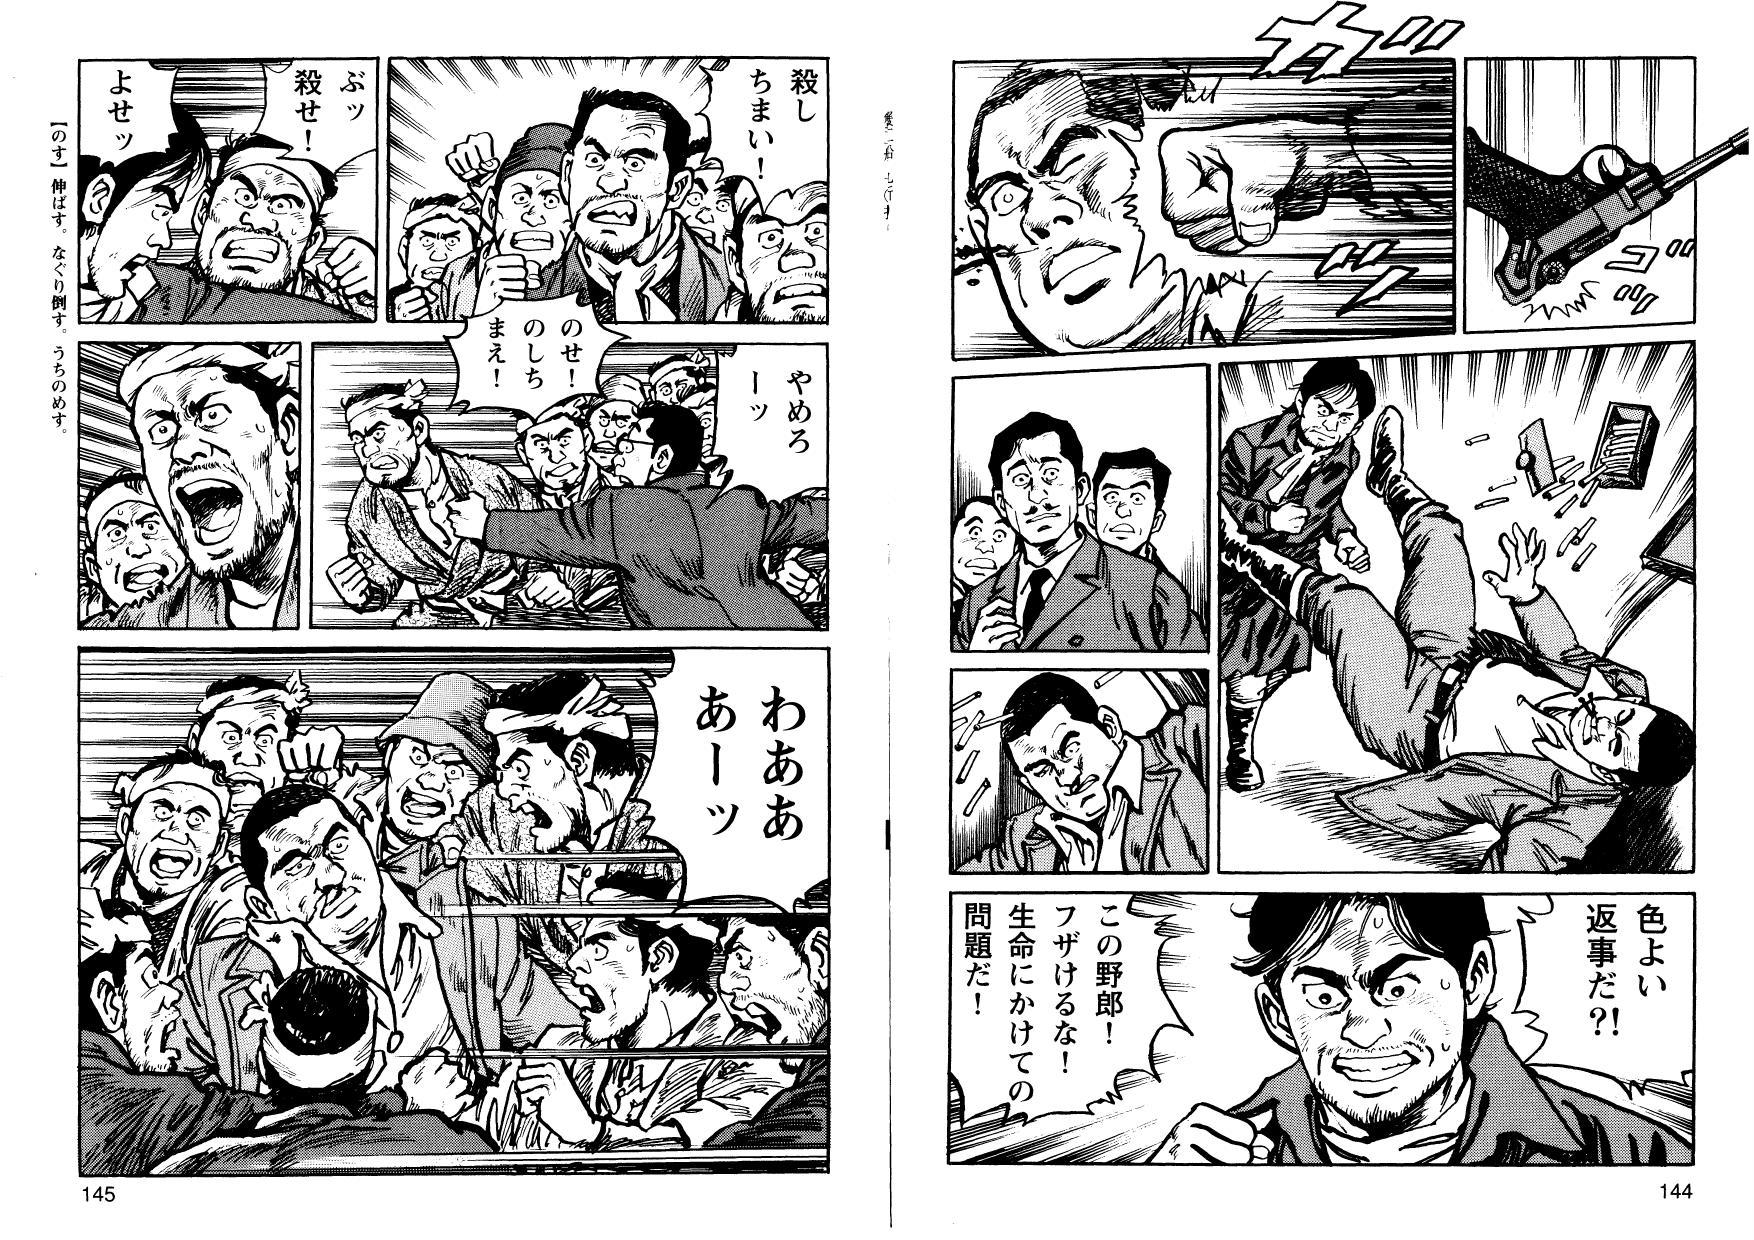 kani_cmc_000073.jpg